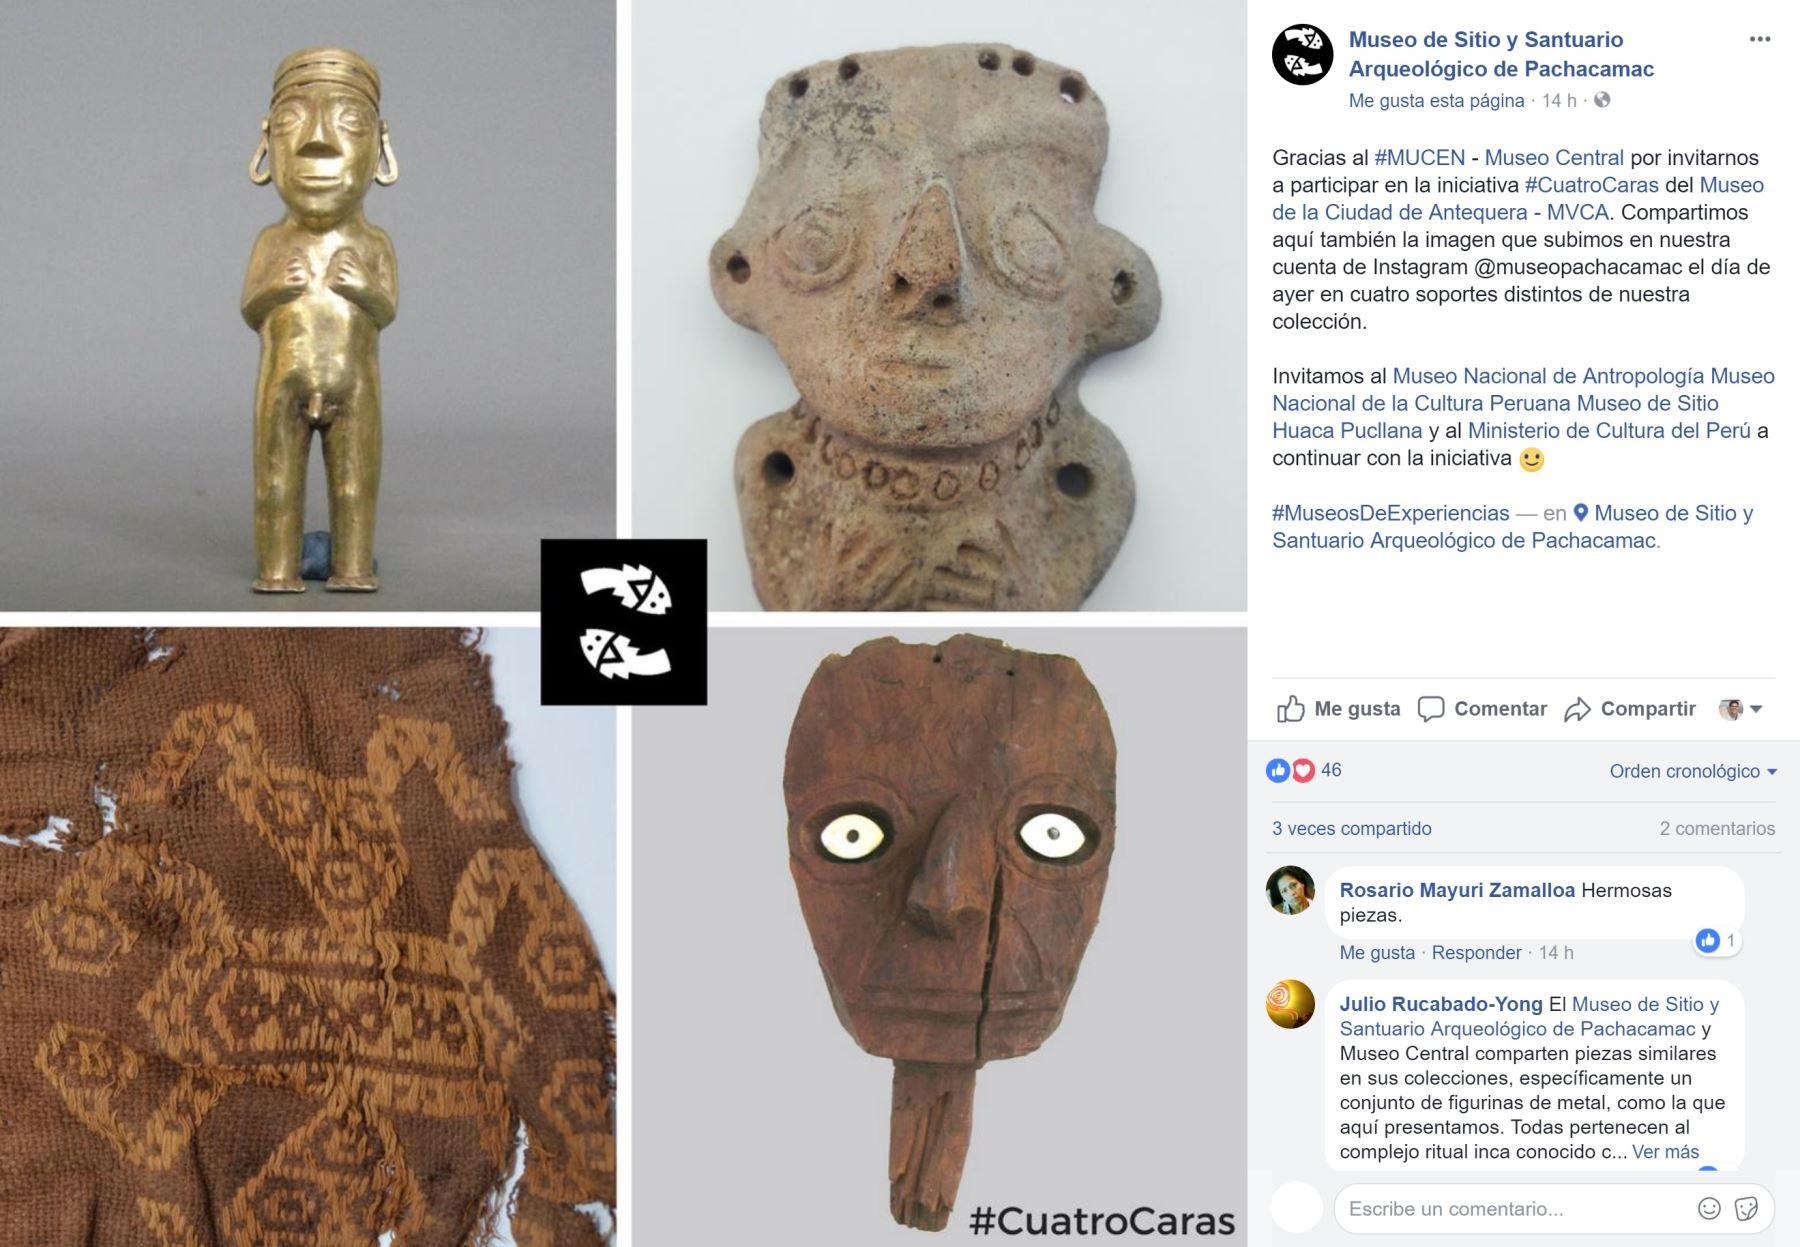 Participación del Museo de Sitio de Pachacamac en reto #CuatroCaras